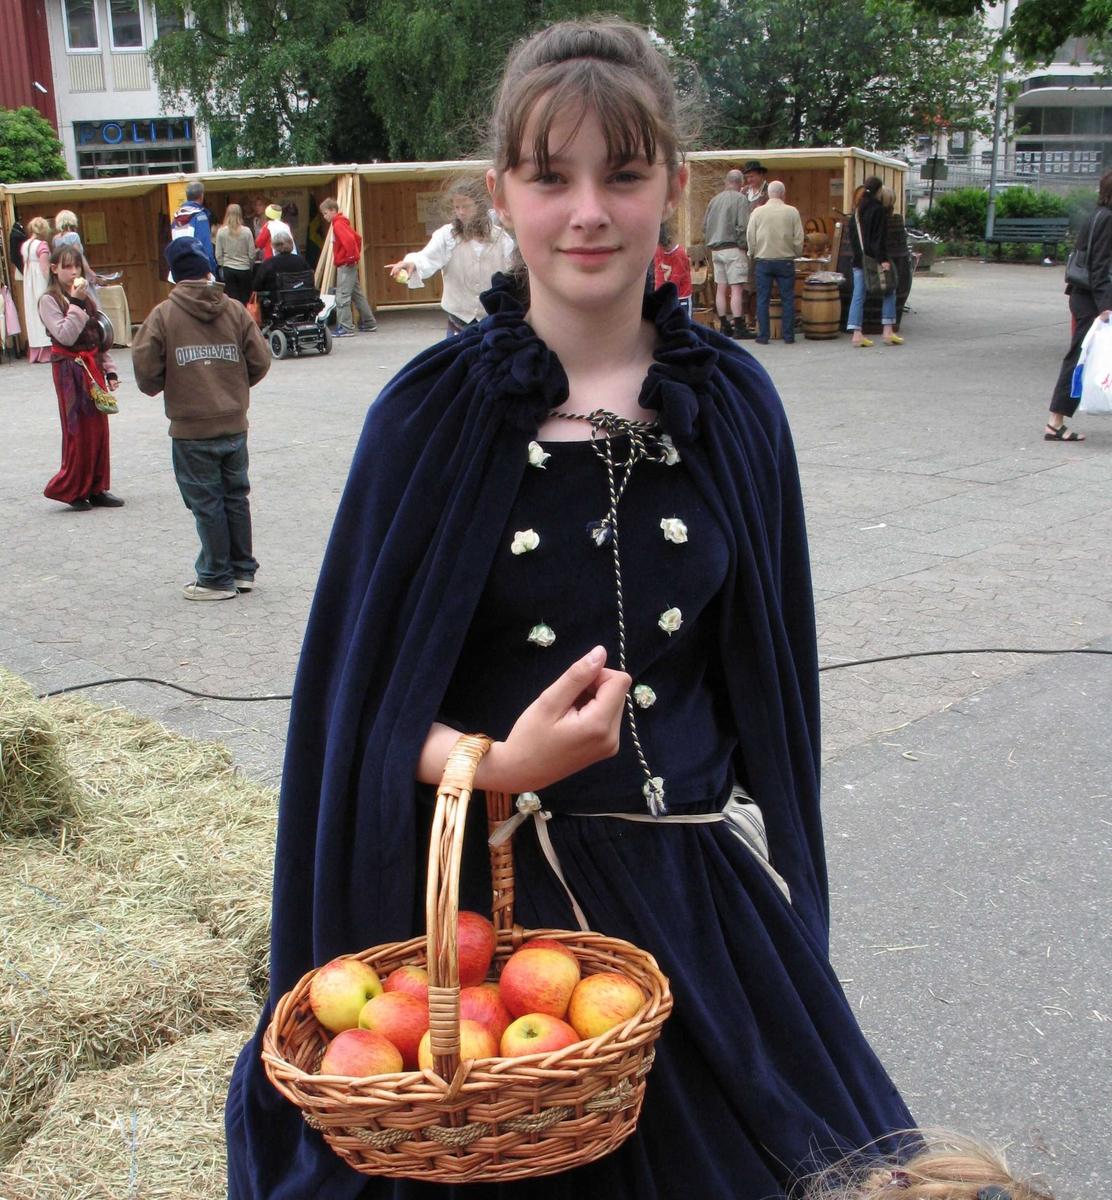 Kjæmpestaden 2005. Dansk jente med kurv med epler.